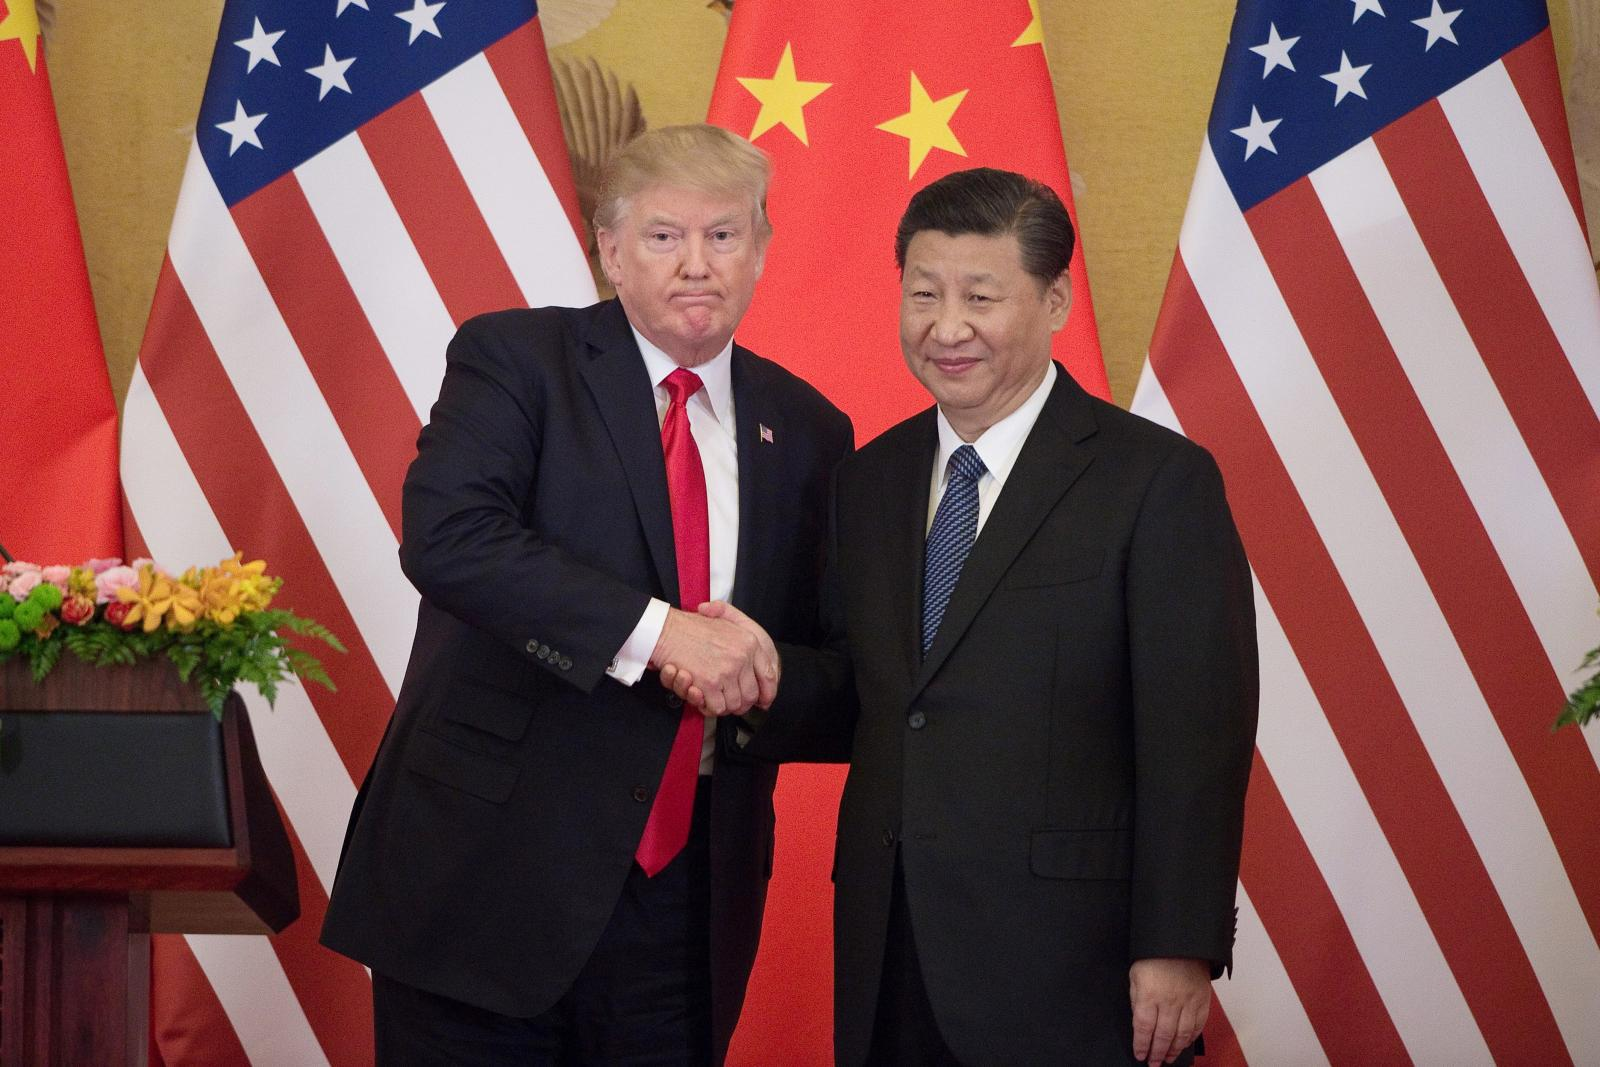 ธนาคารกลางจีนผิดหวังสหรัฐฯ กล่าวหาปั่นค่าเงิน